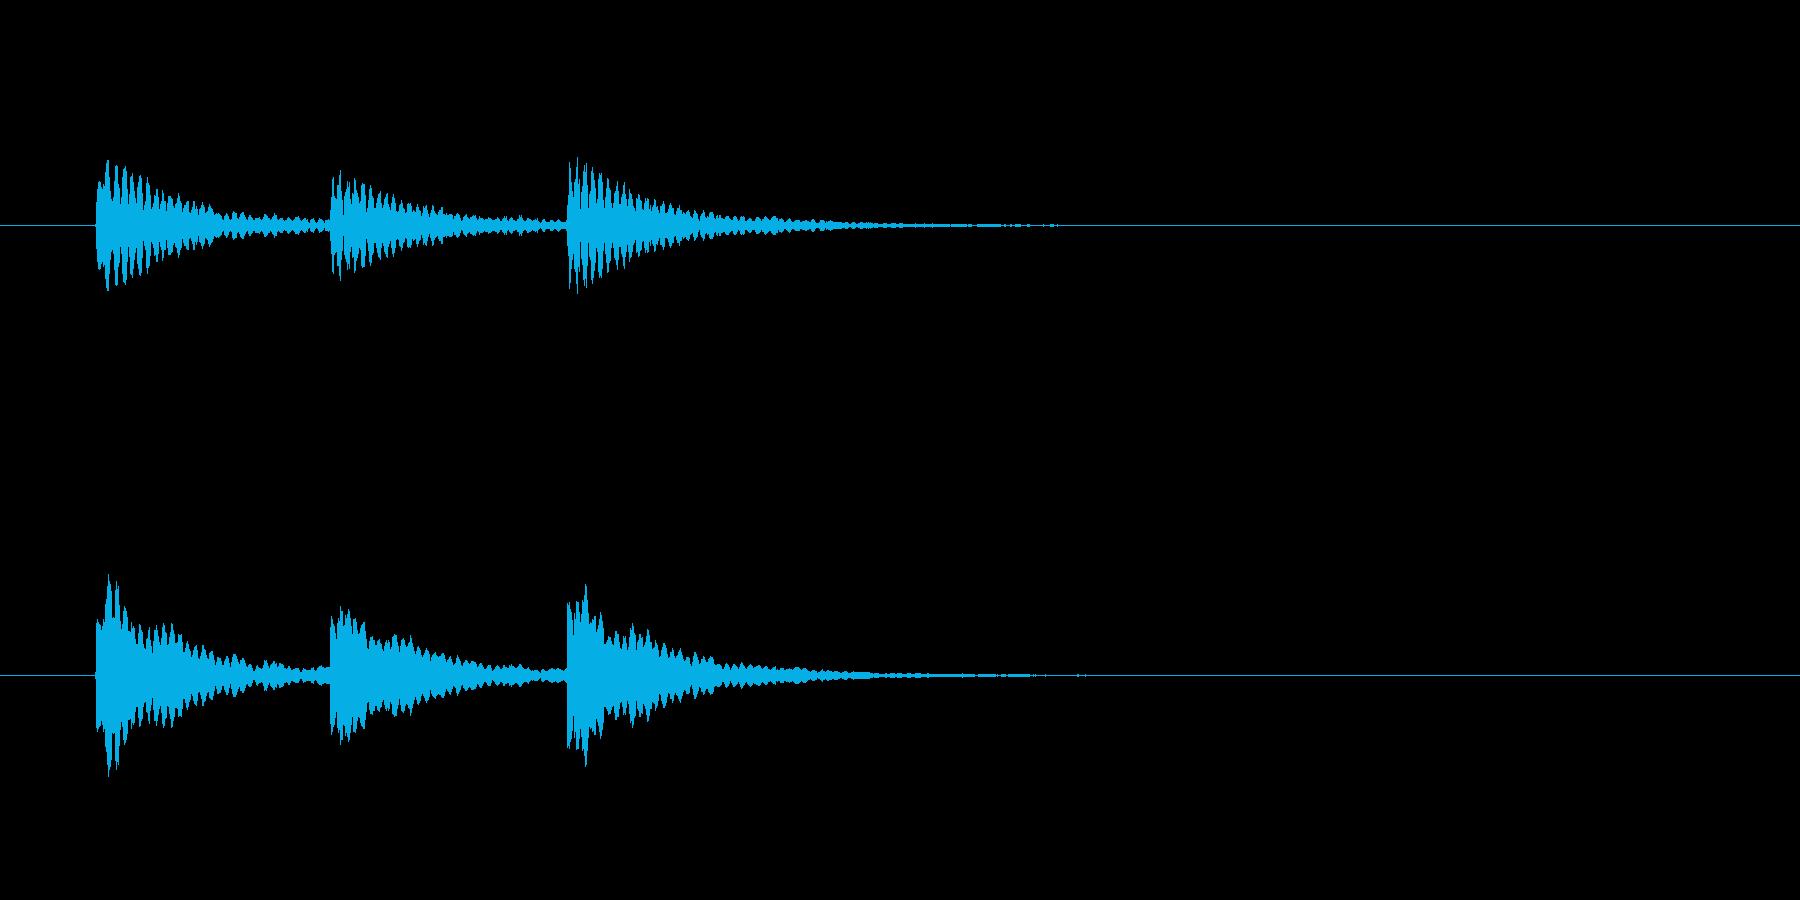 ティンティンティン(ベルのような音)の再生済みの波形